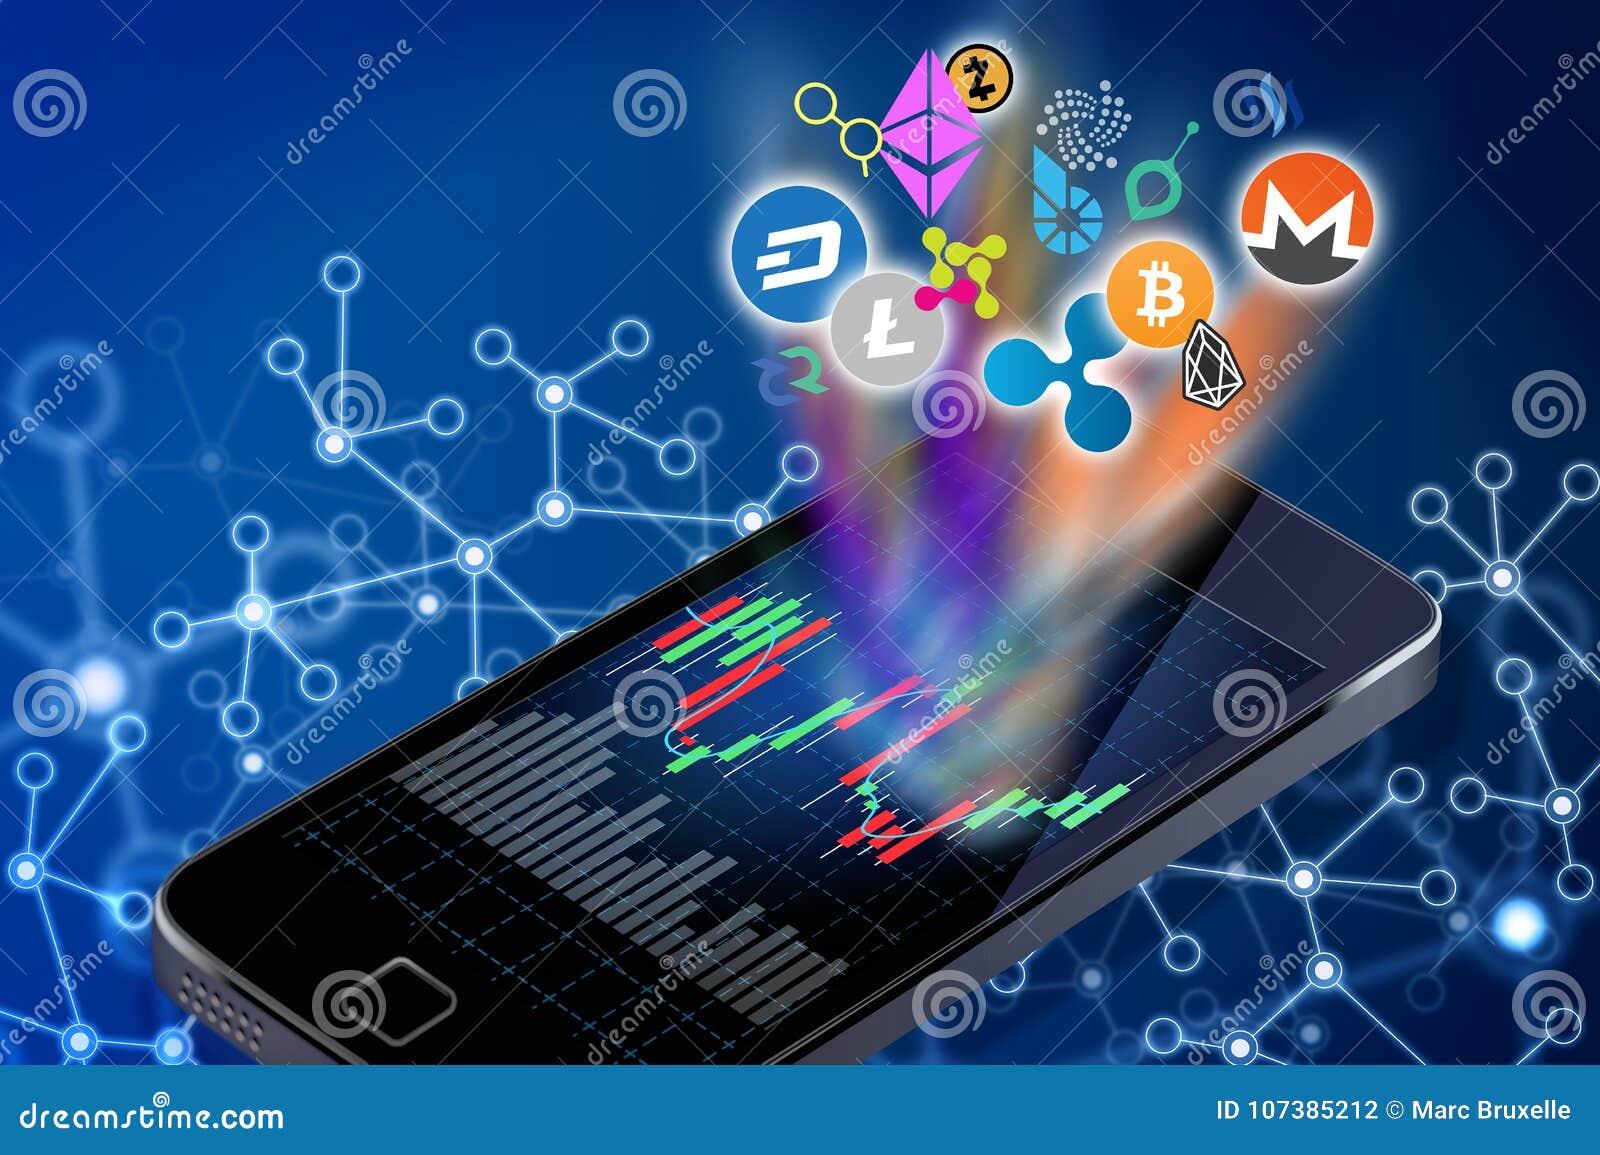 Conceptuele illustratie van cryptocurrencyemblemen die uit a komen